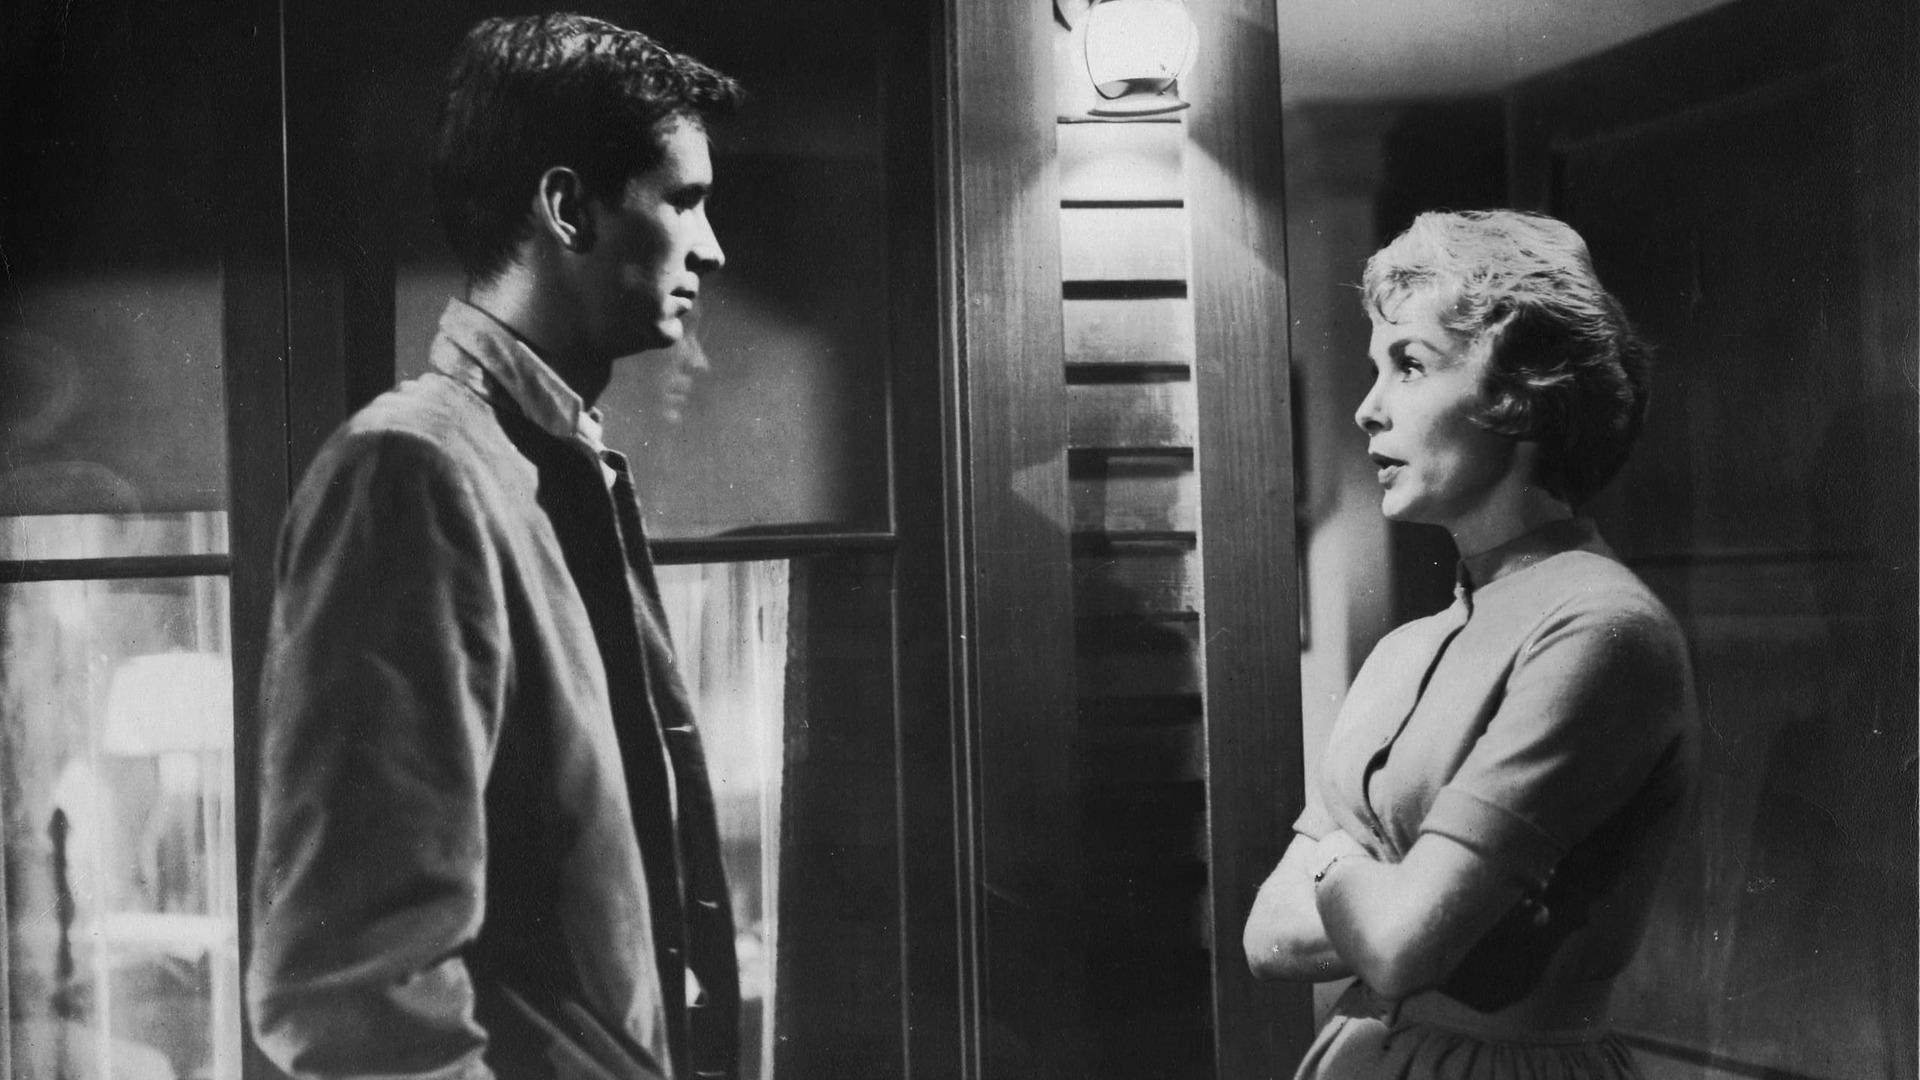 Кадры из фильма Психо Psycho 1960